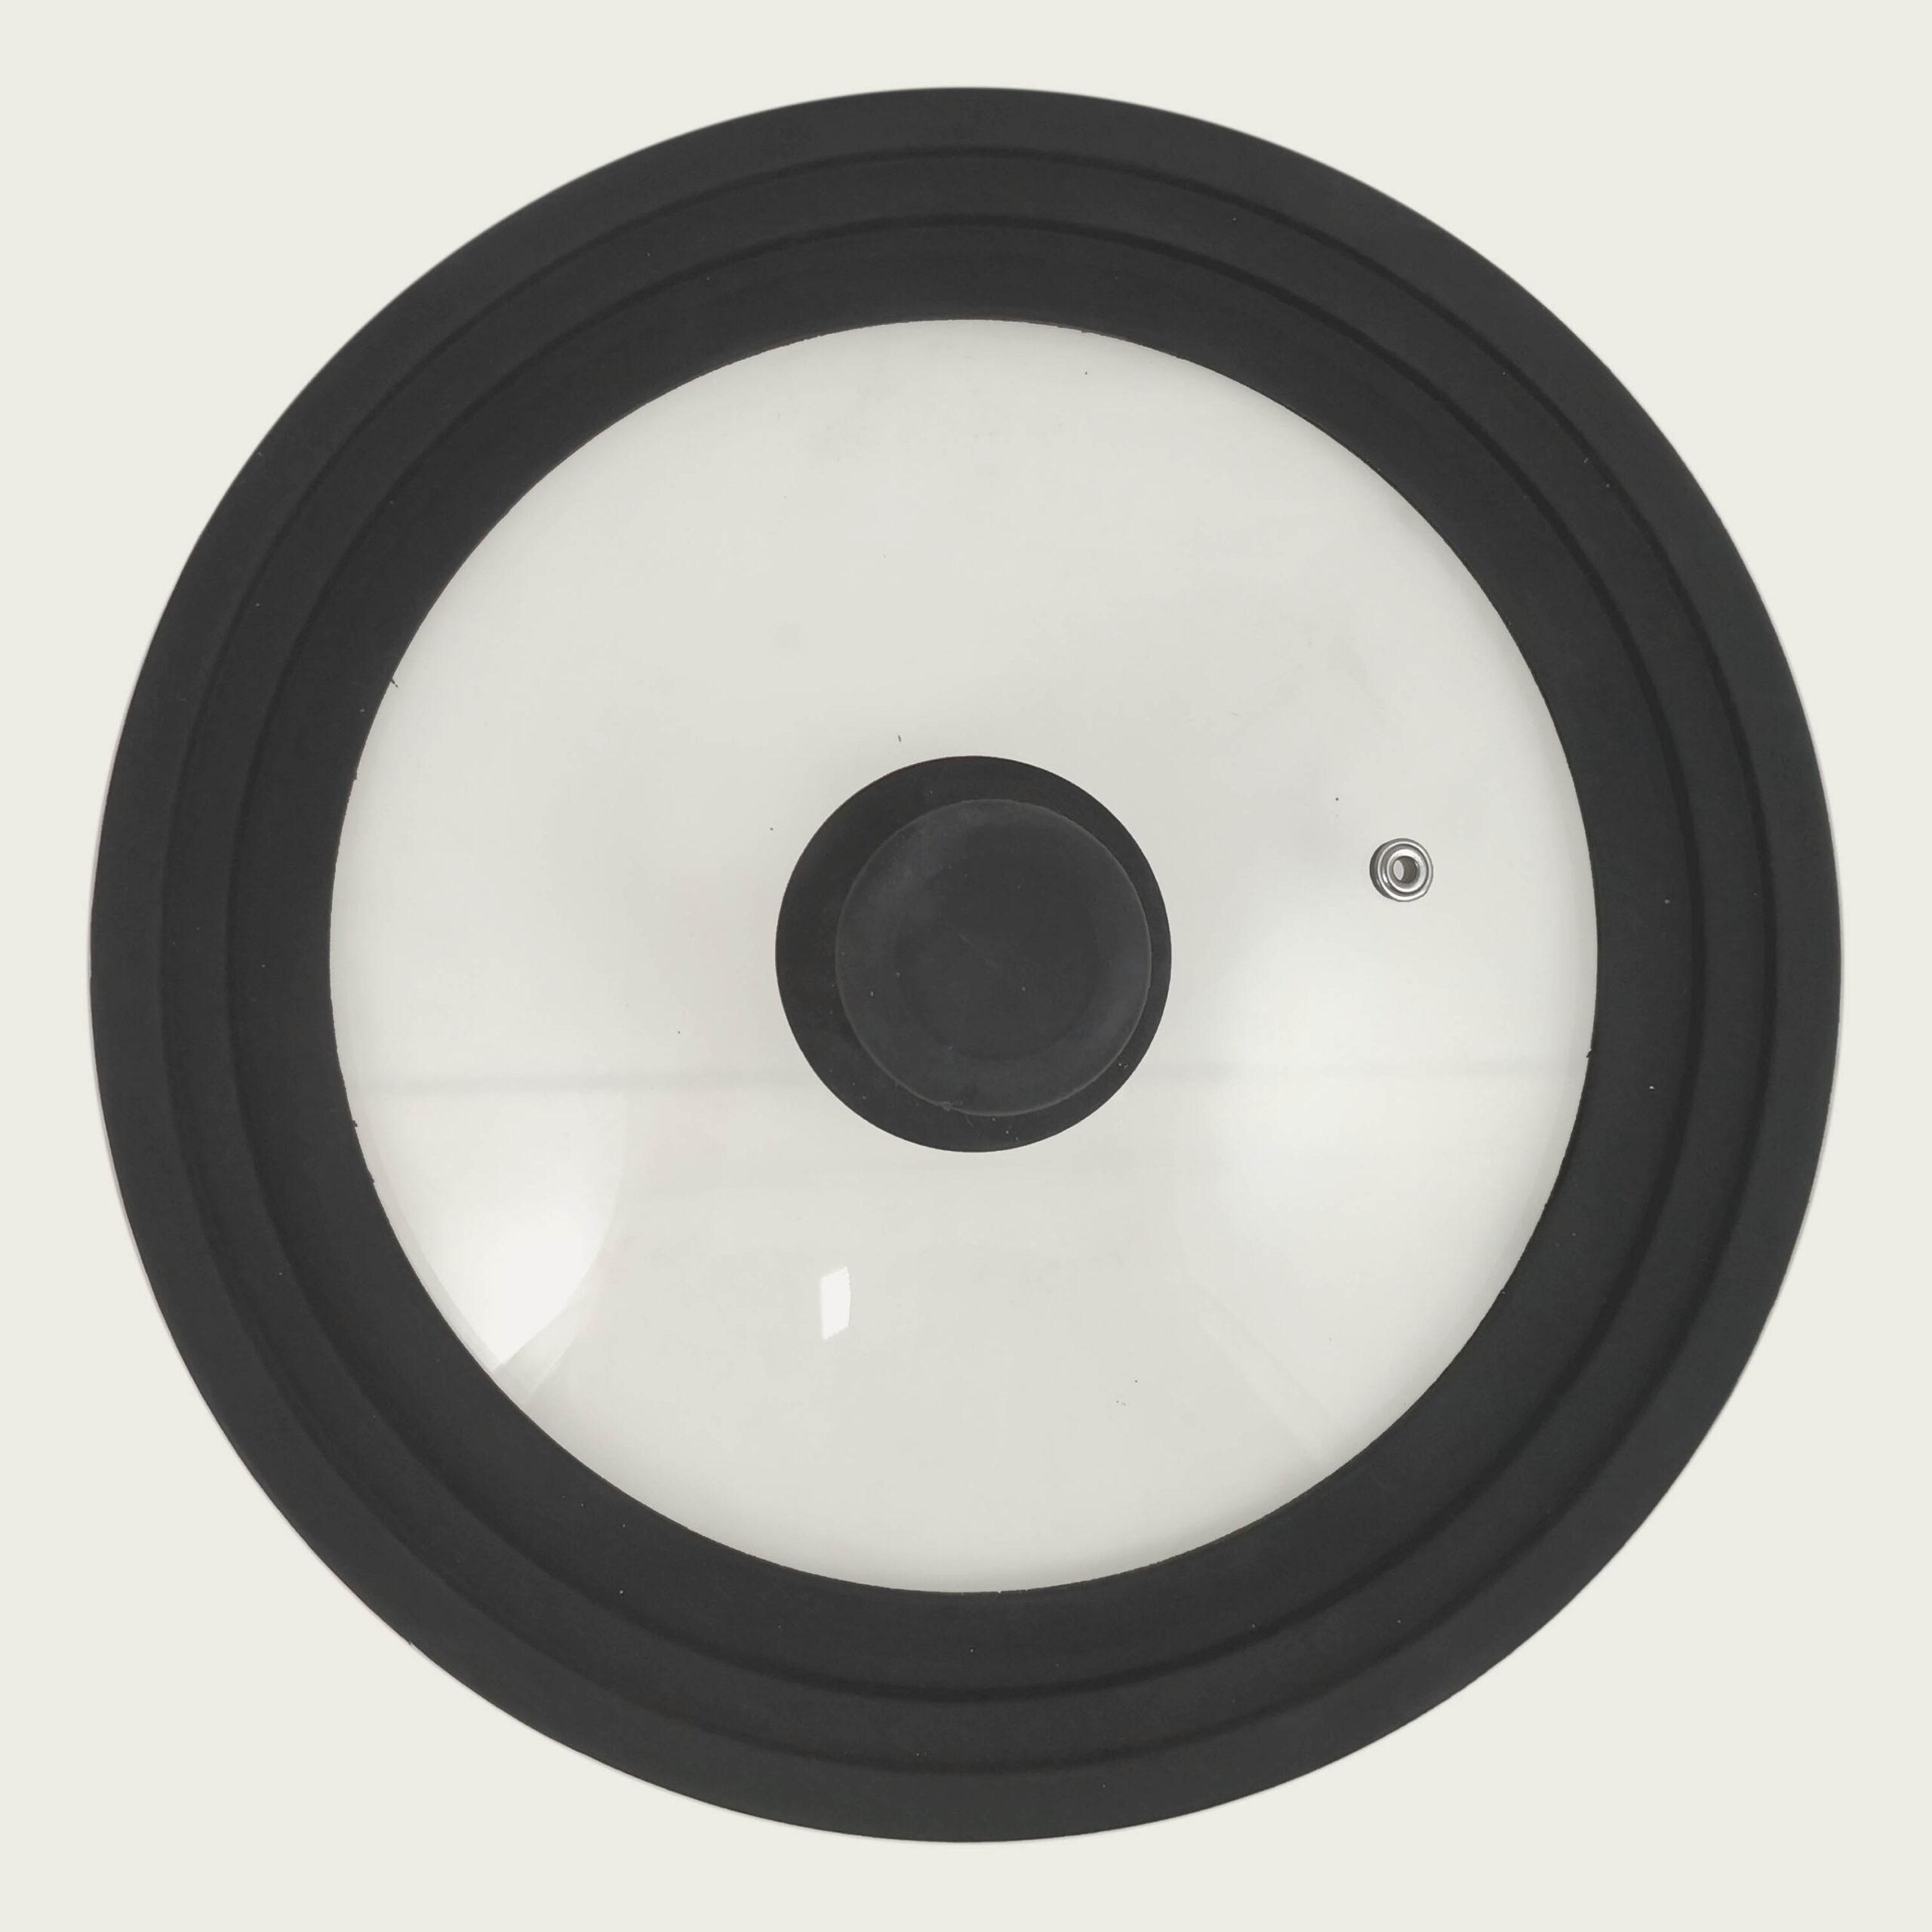 Coperchio universale infrangibile in vetro-silicone grigio